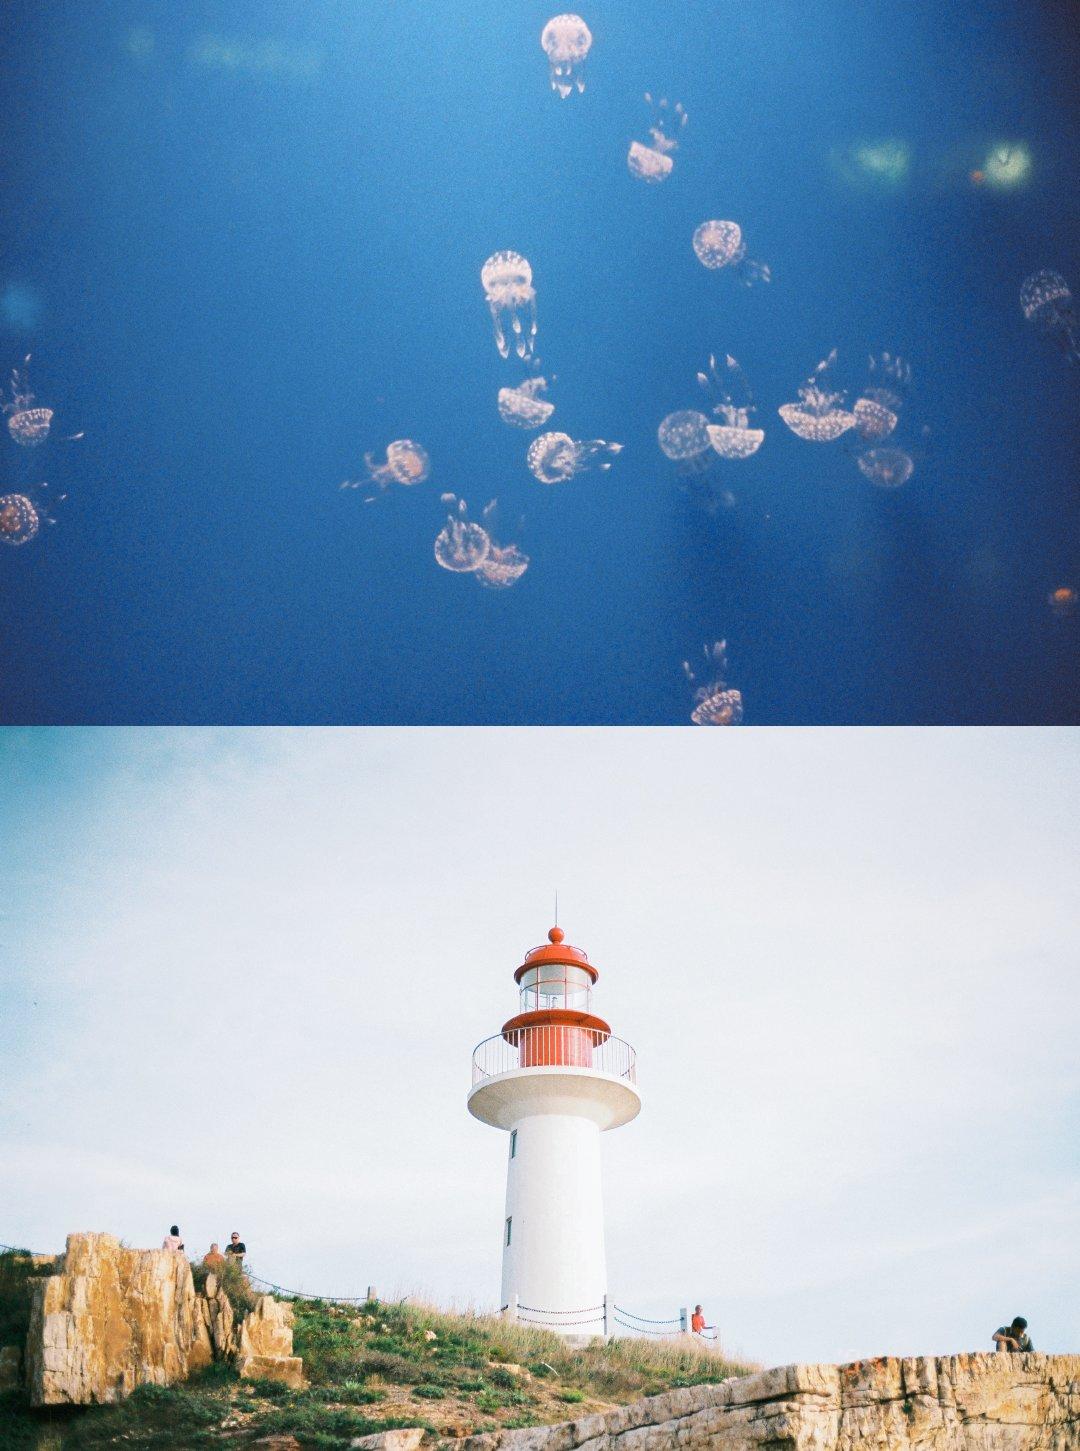 小�9�(9�d_每个人心中都有一个海岛控吧 via@小d哥-滴滴滴 烟台长岛.